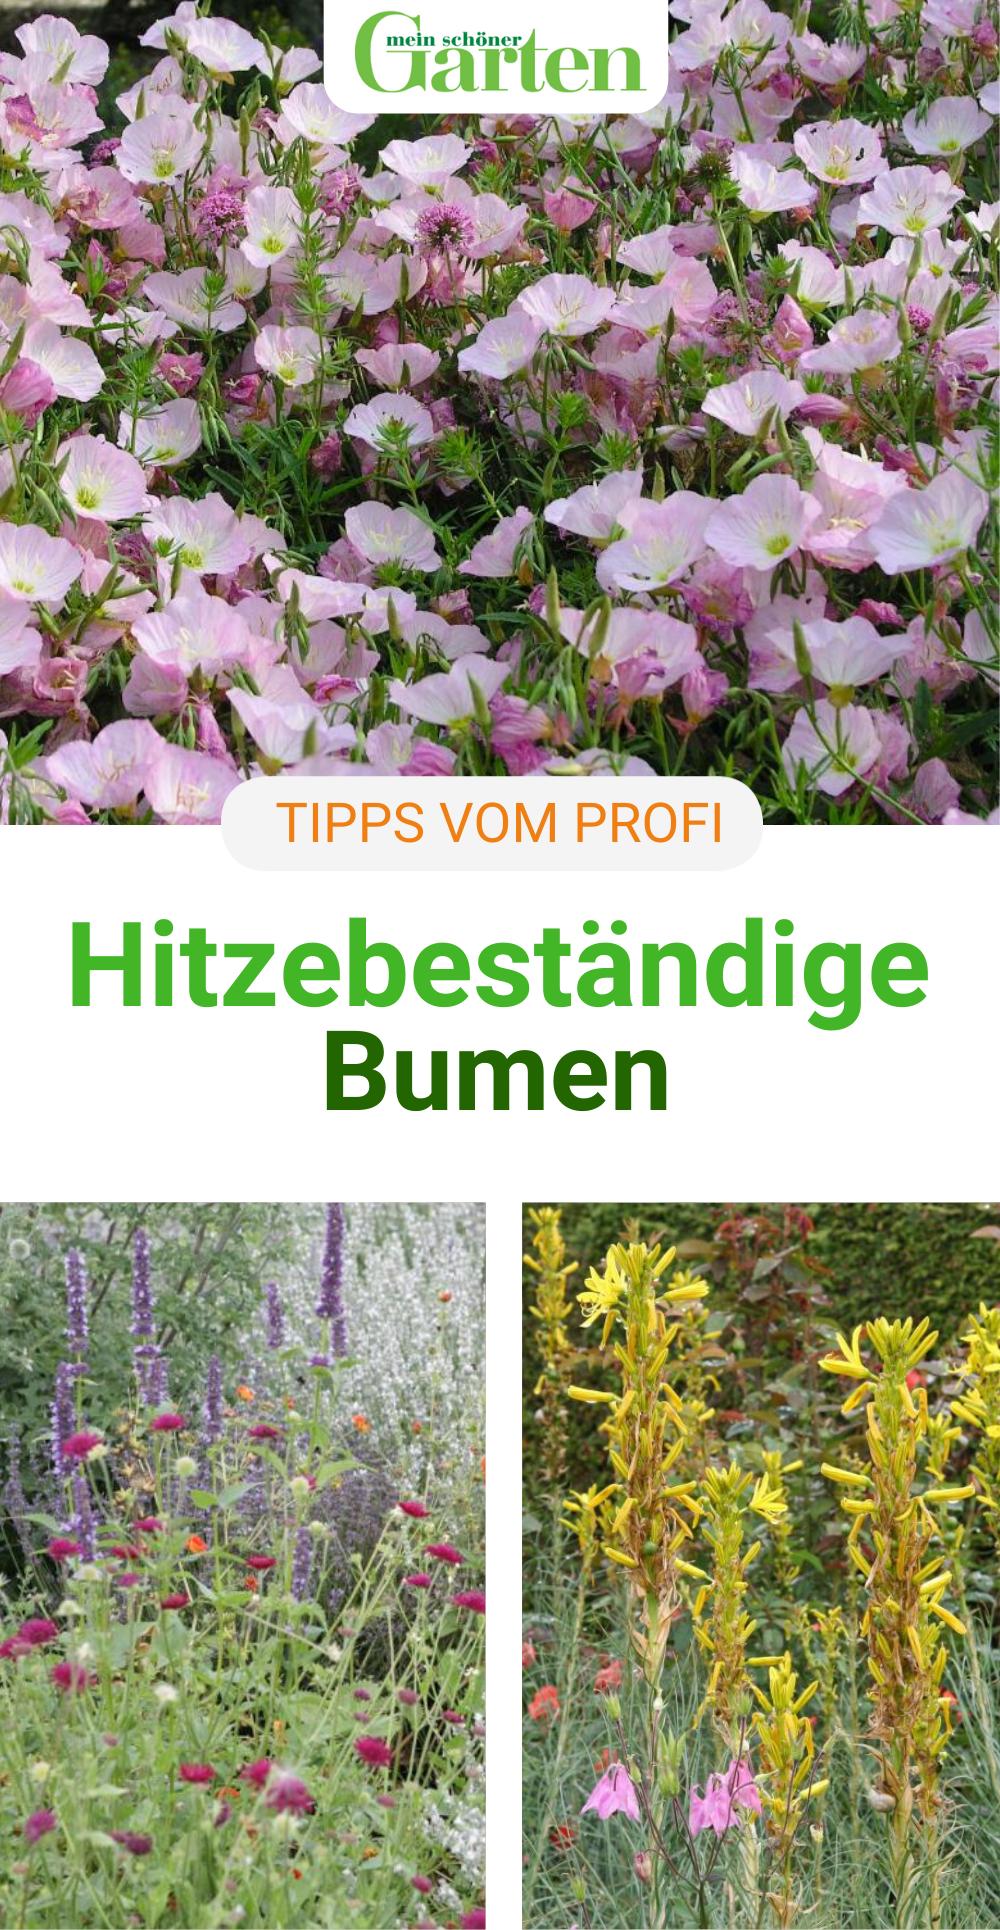 Für das Blumenbeet: Hitzebeständige Blumen